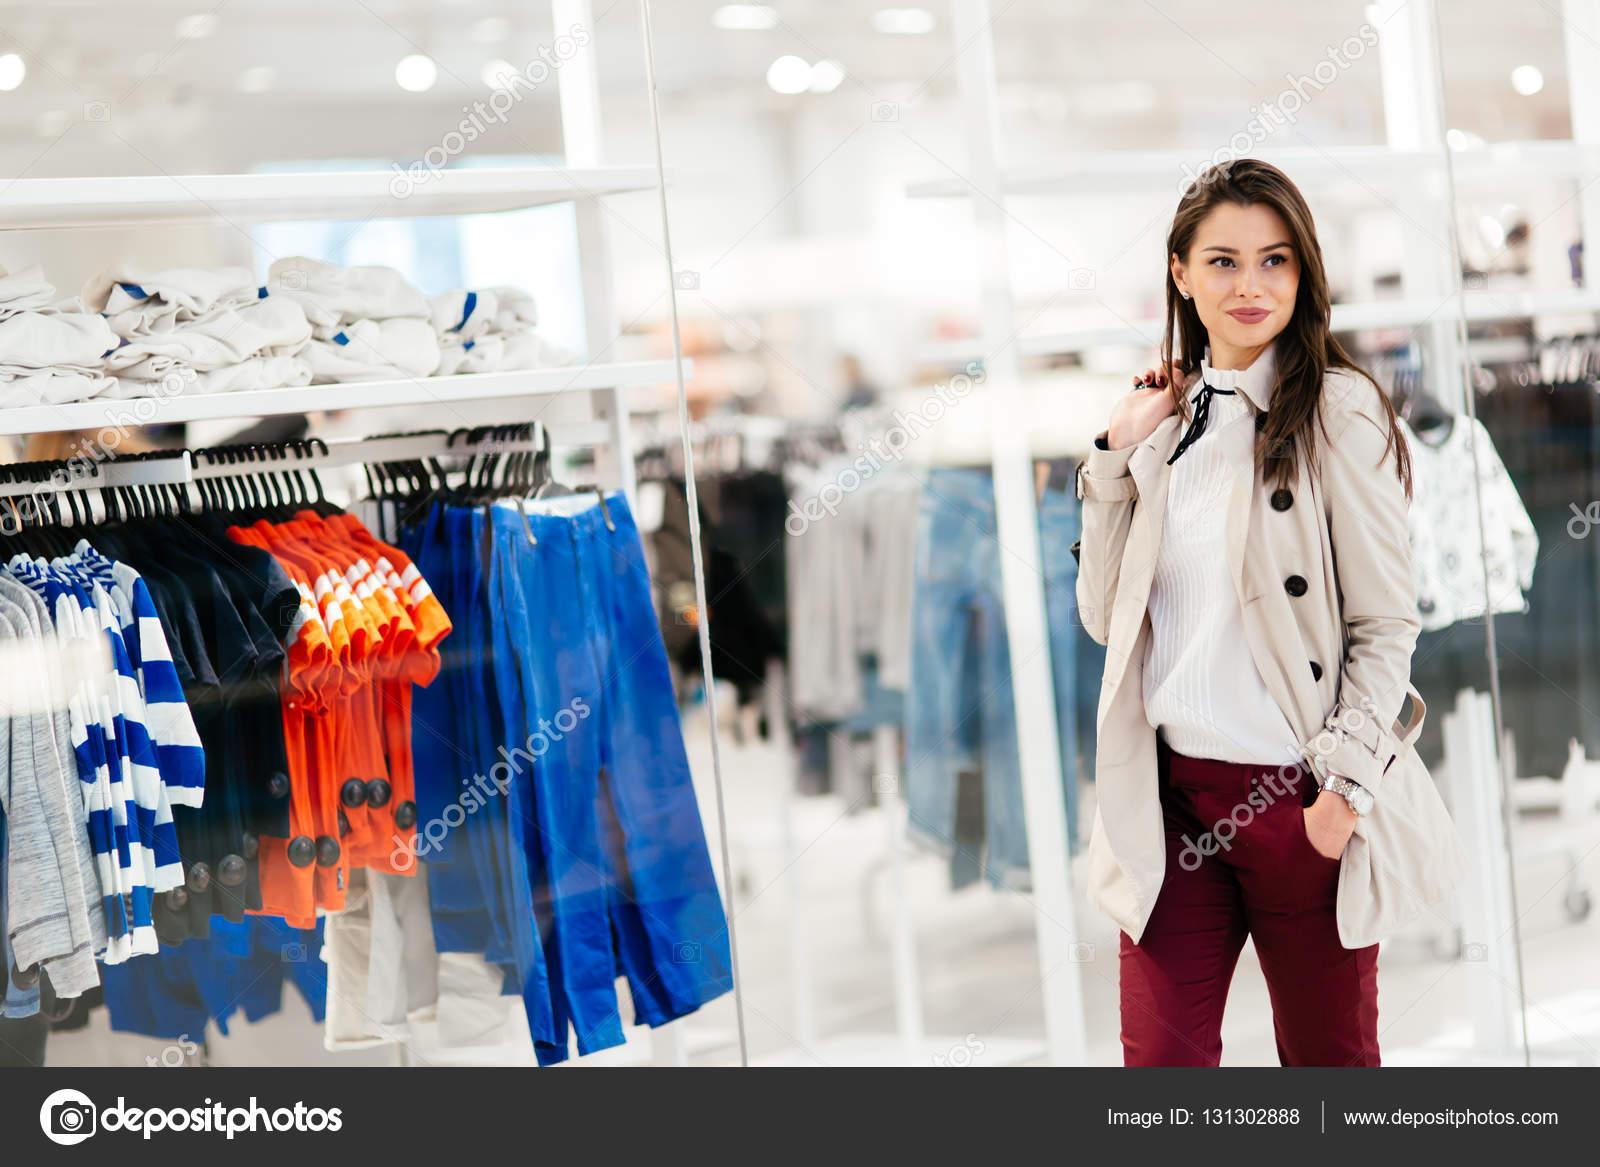 Bella donna shopping vestiti — Foto Stock © nd3000  131302888 8a8b447f2eb